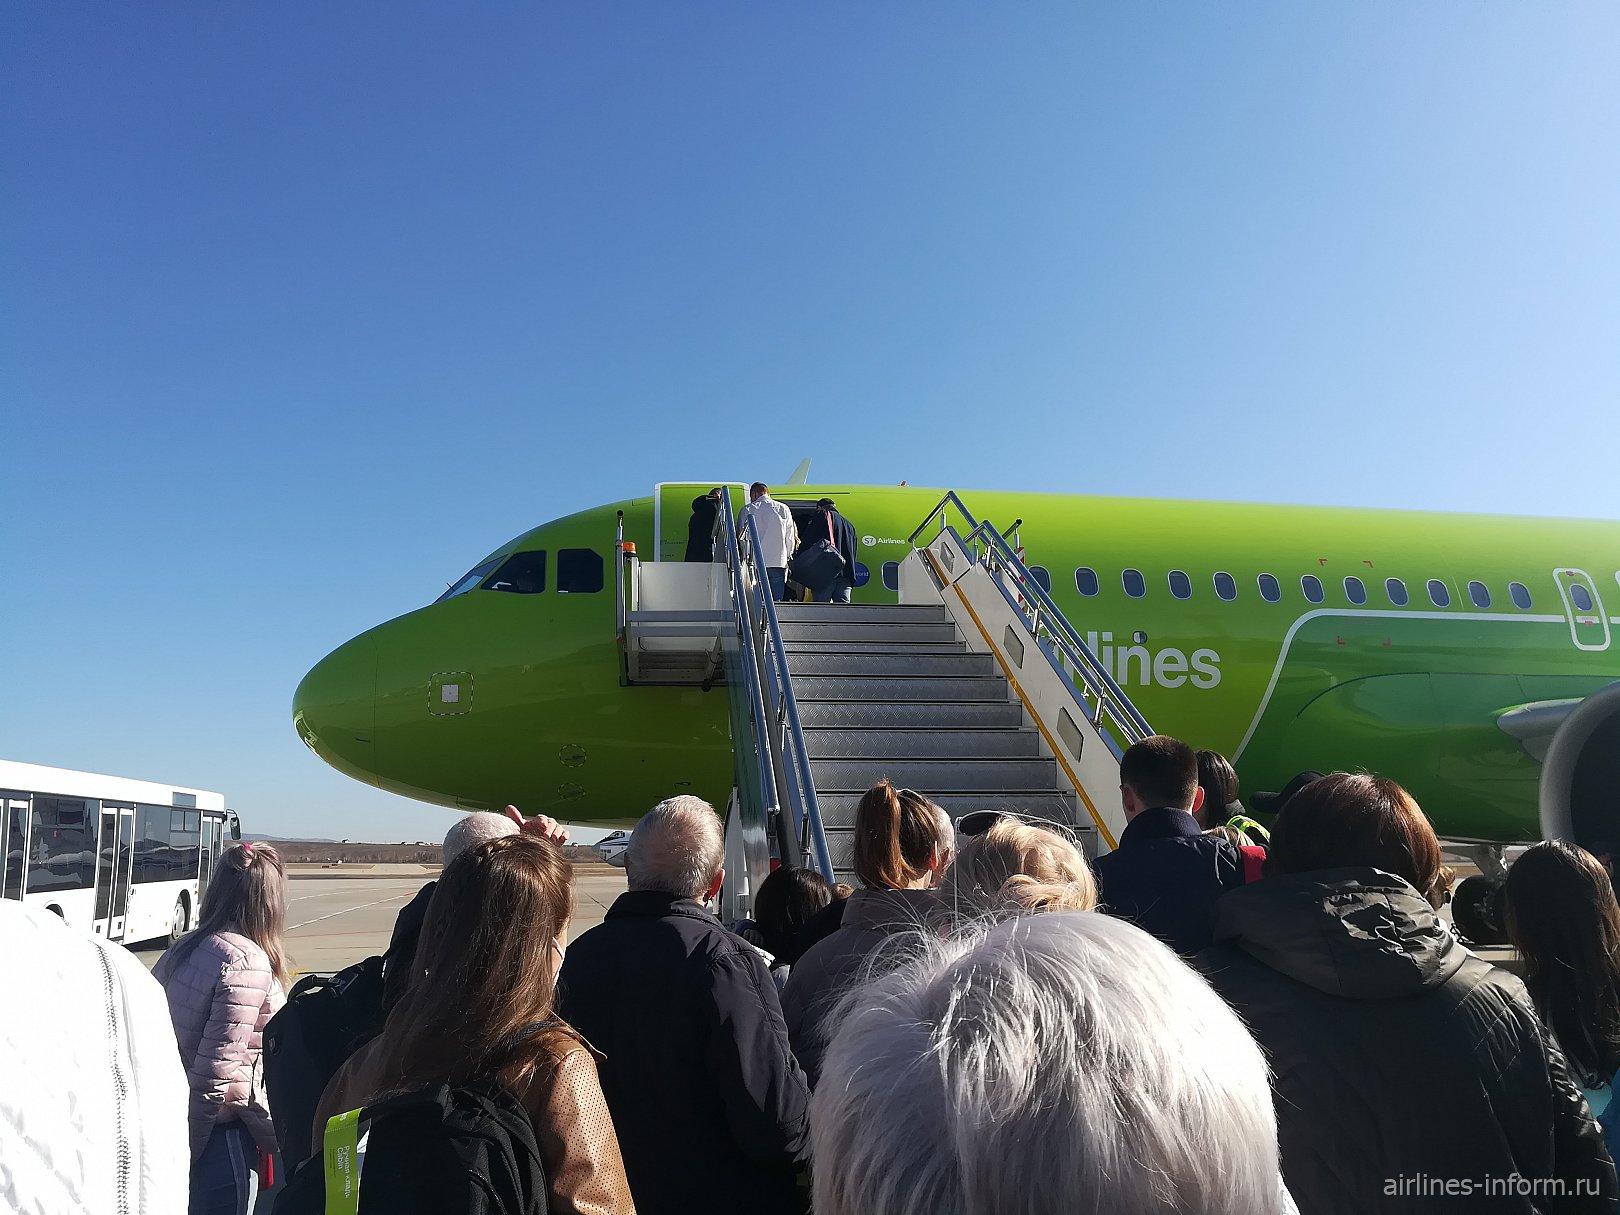 Чита (Кадала. HTA) - Москва (Домодедово, DME) с S7 на А-320neo